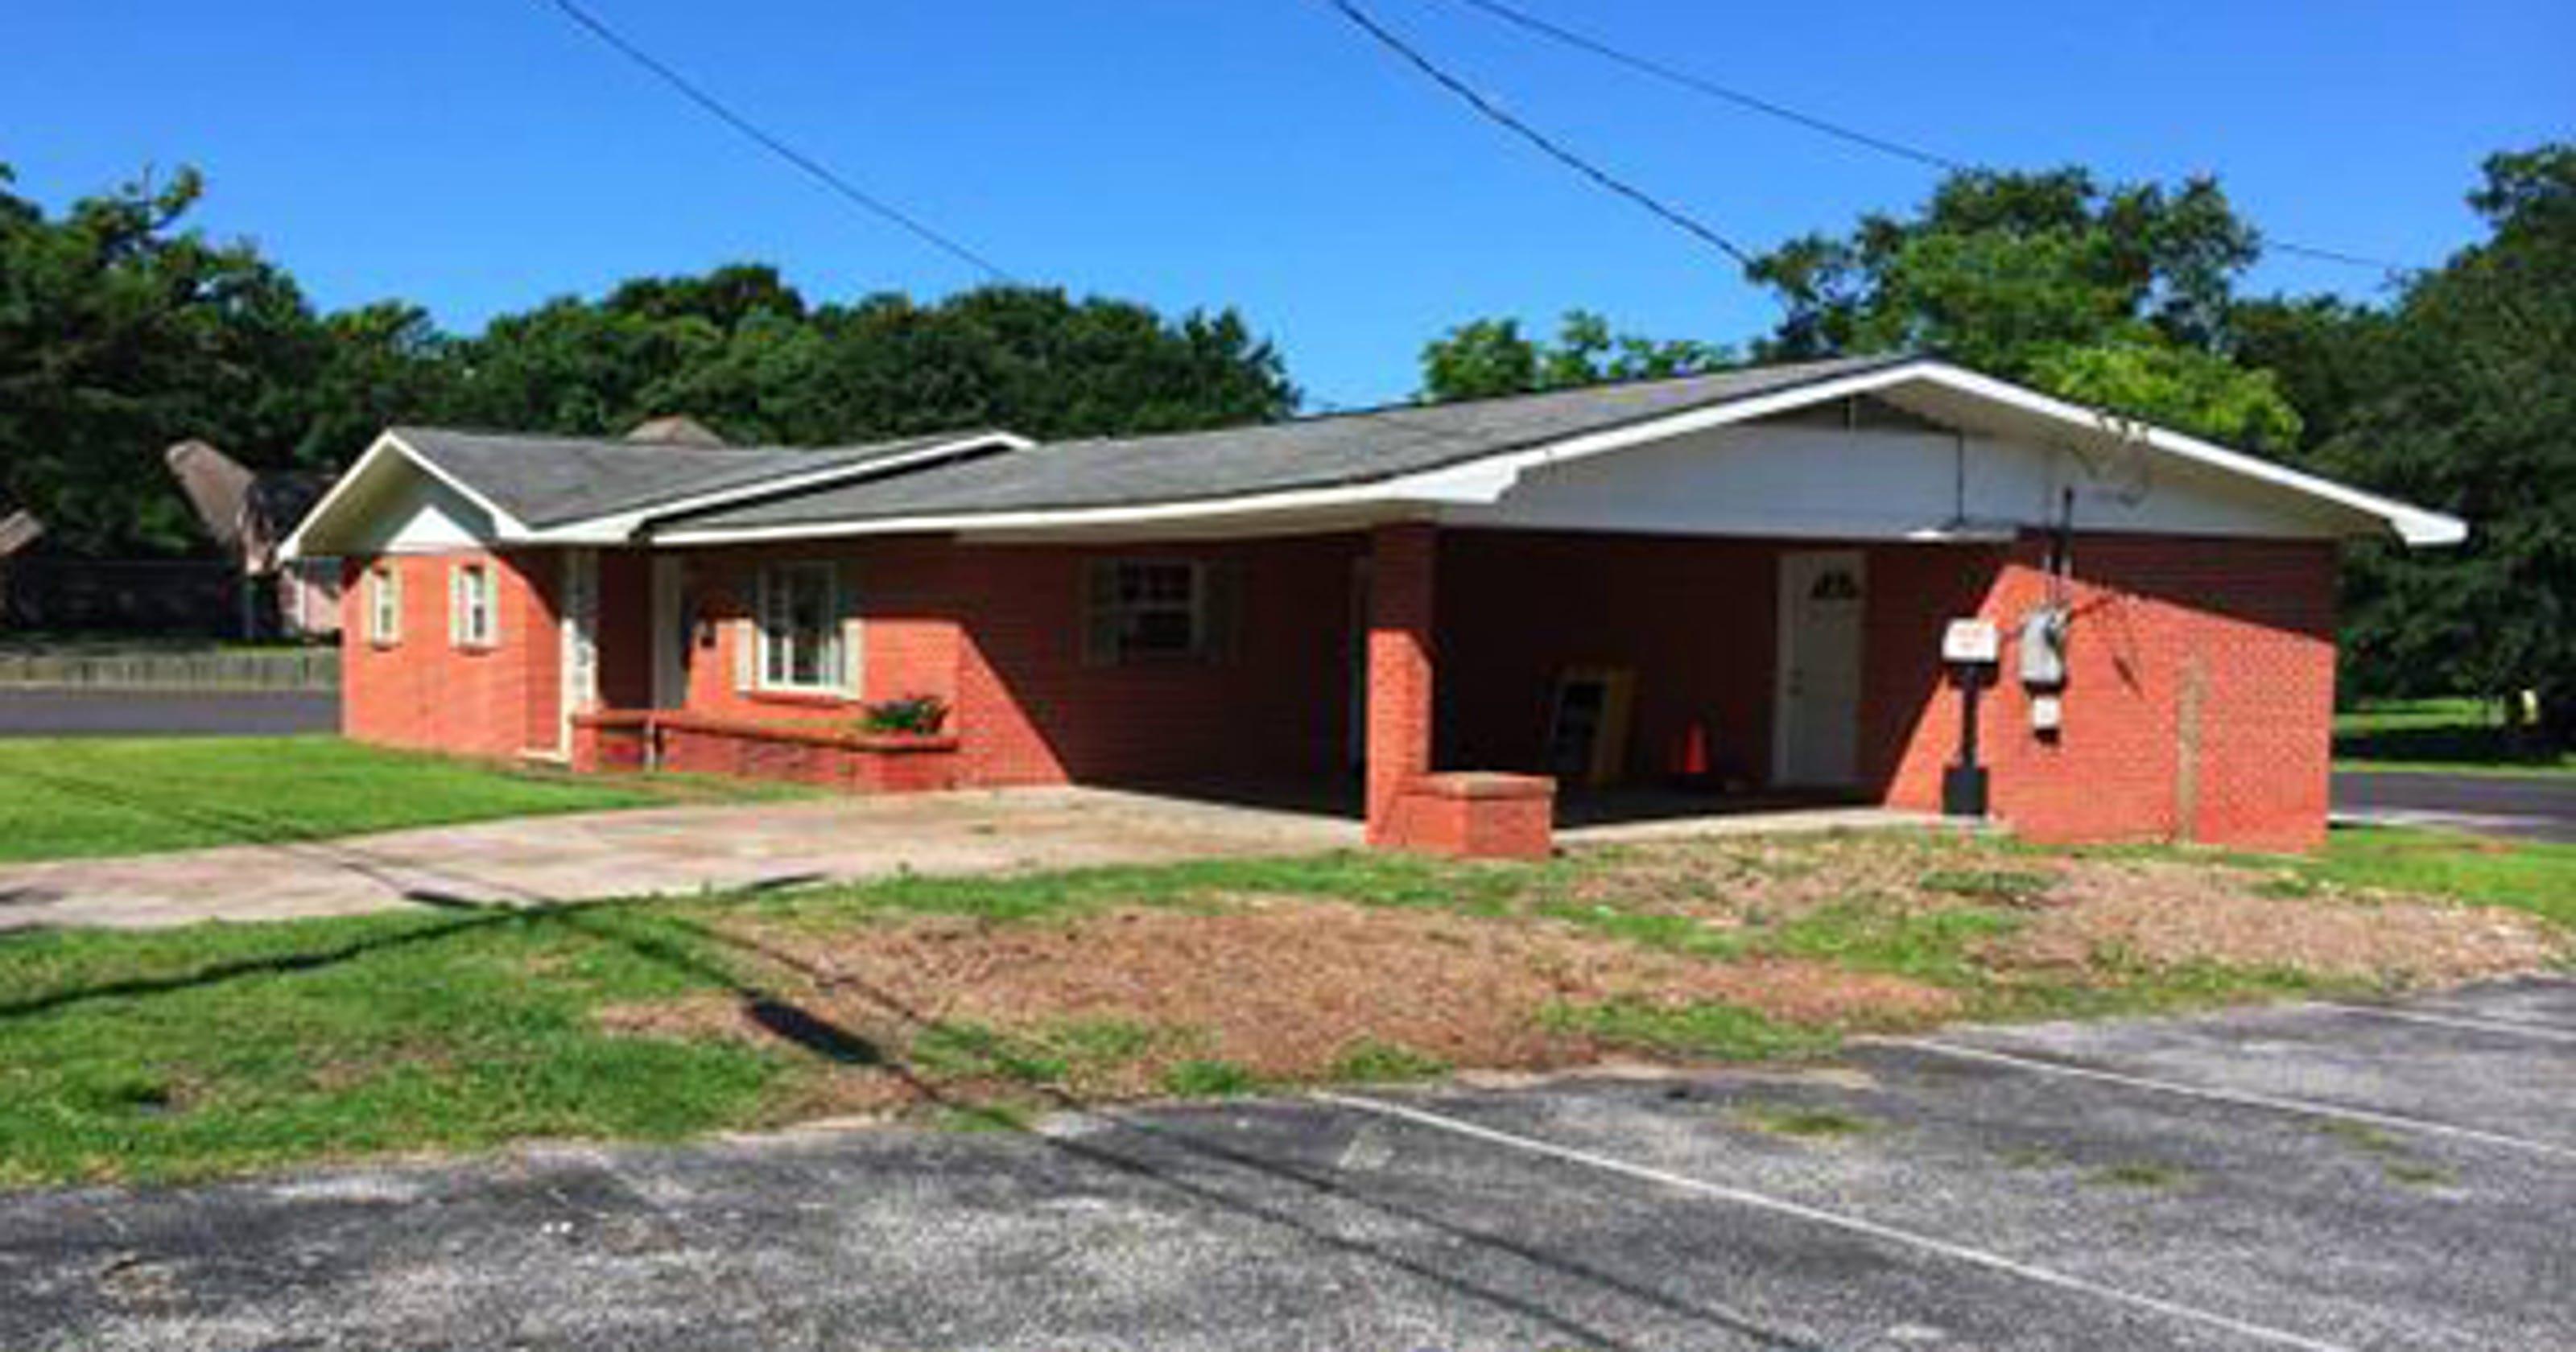 Free house listed on Craigslist by Pascagoula church